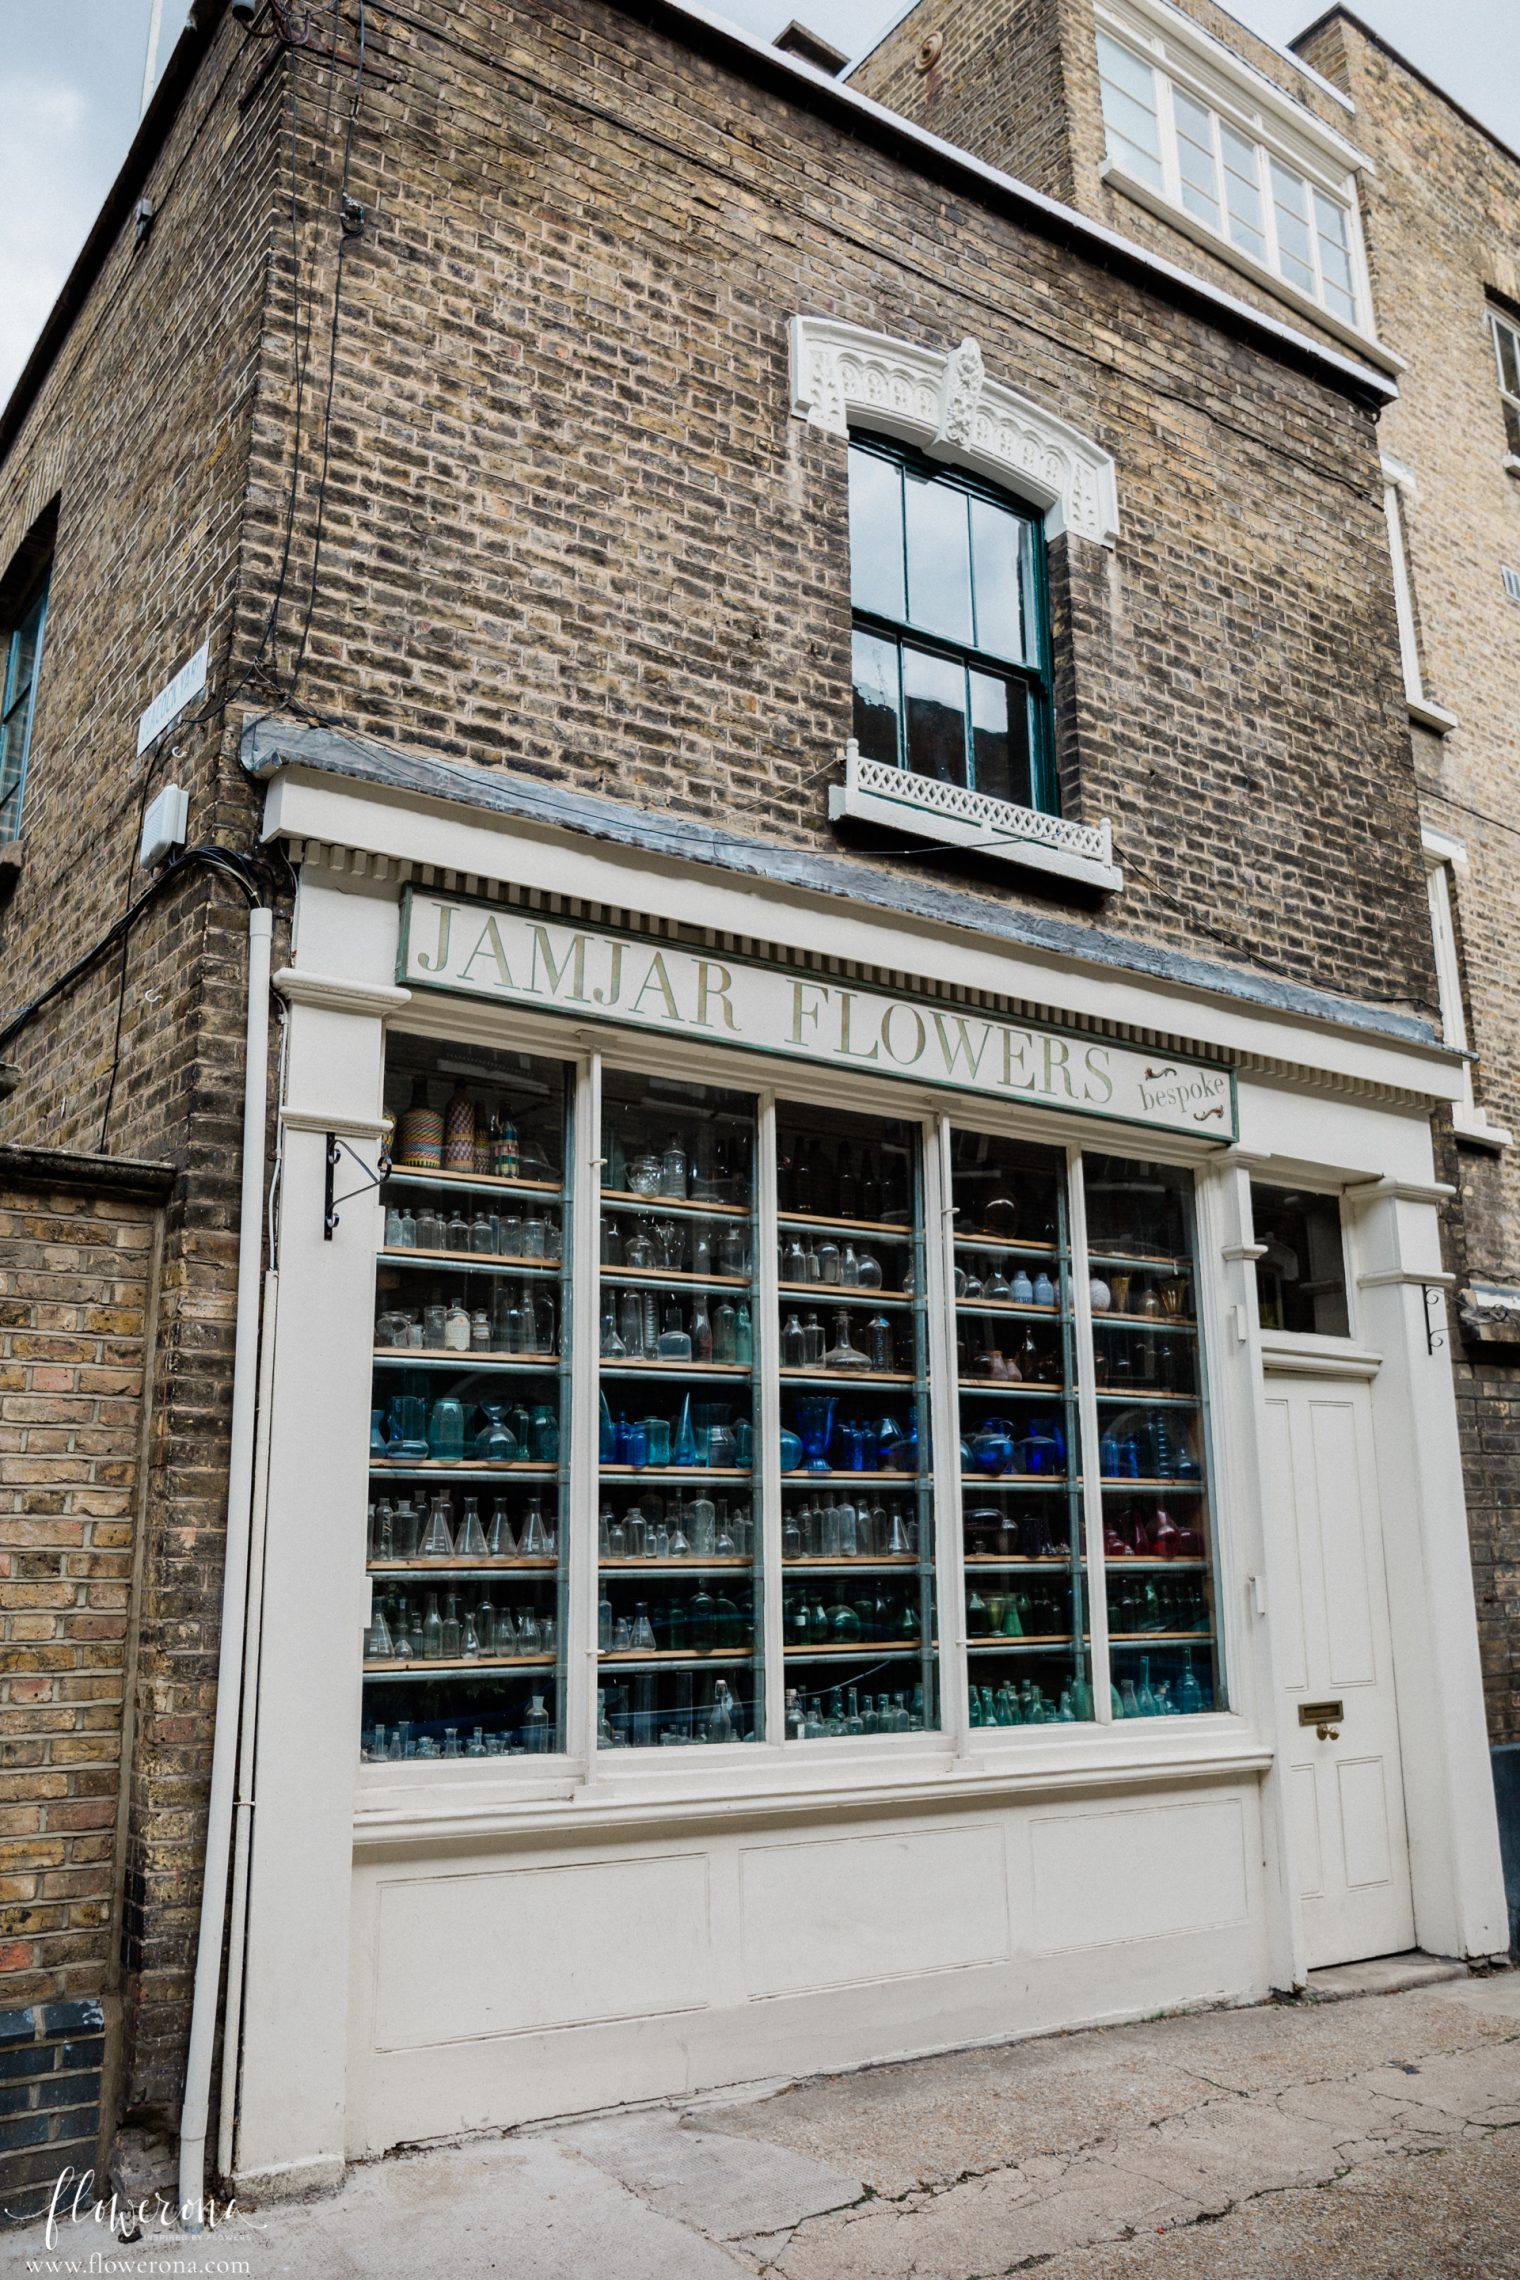 JamJar Flowers Studio in London